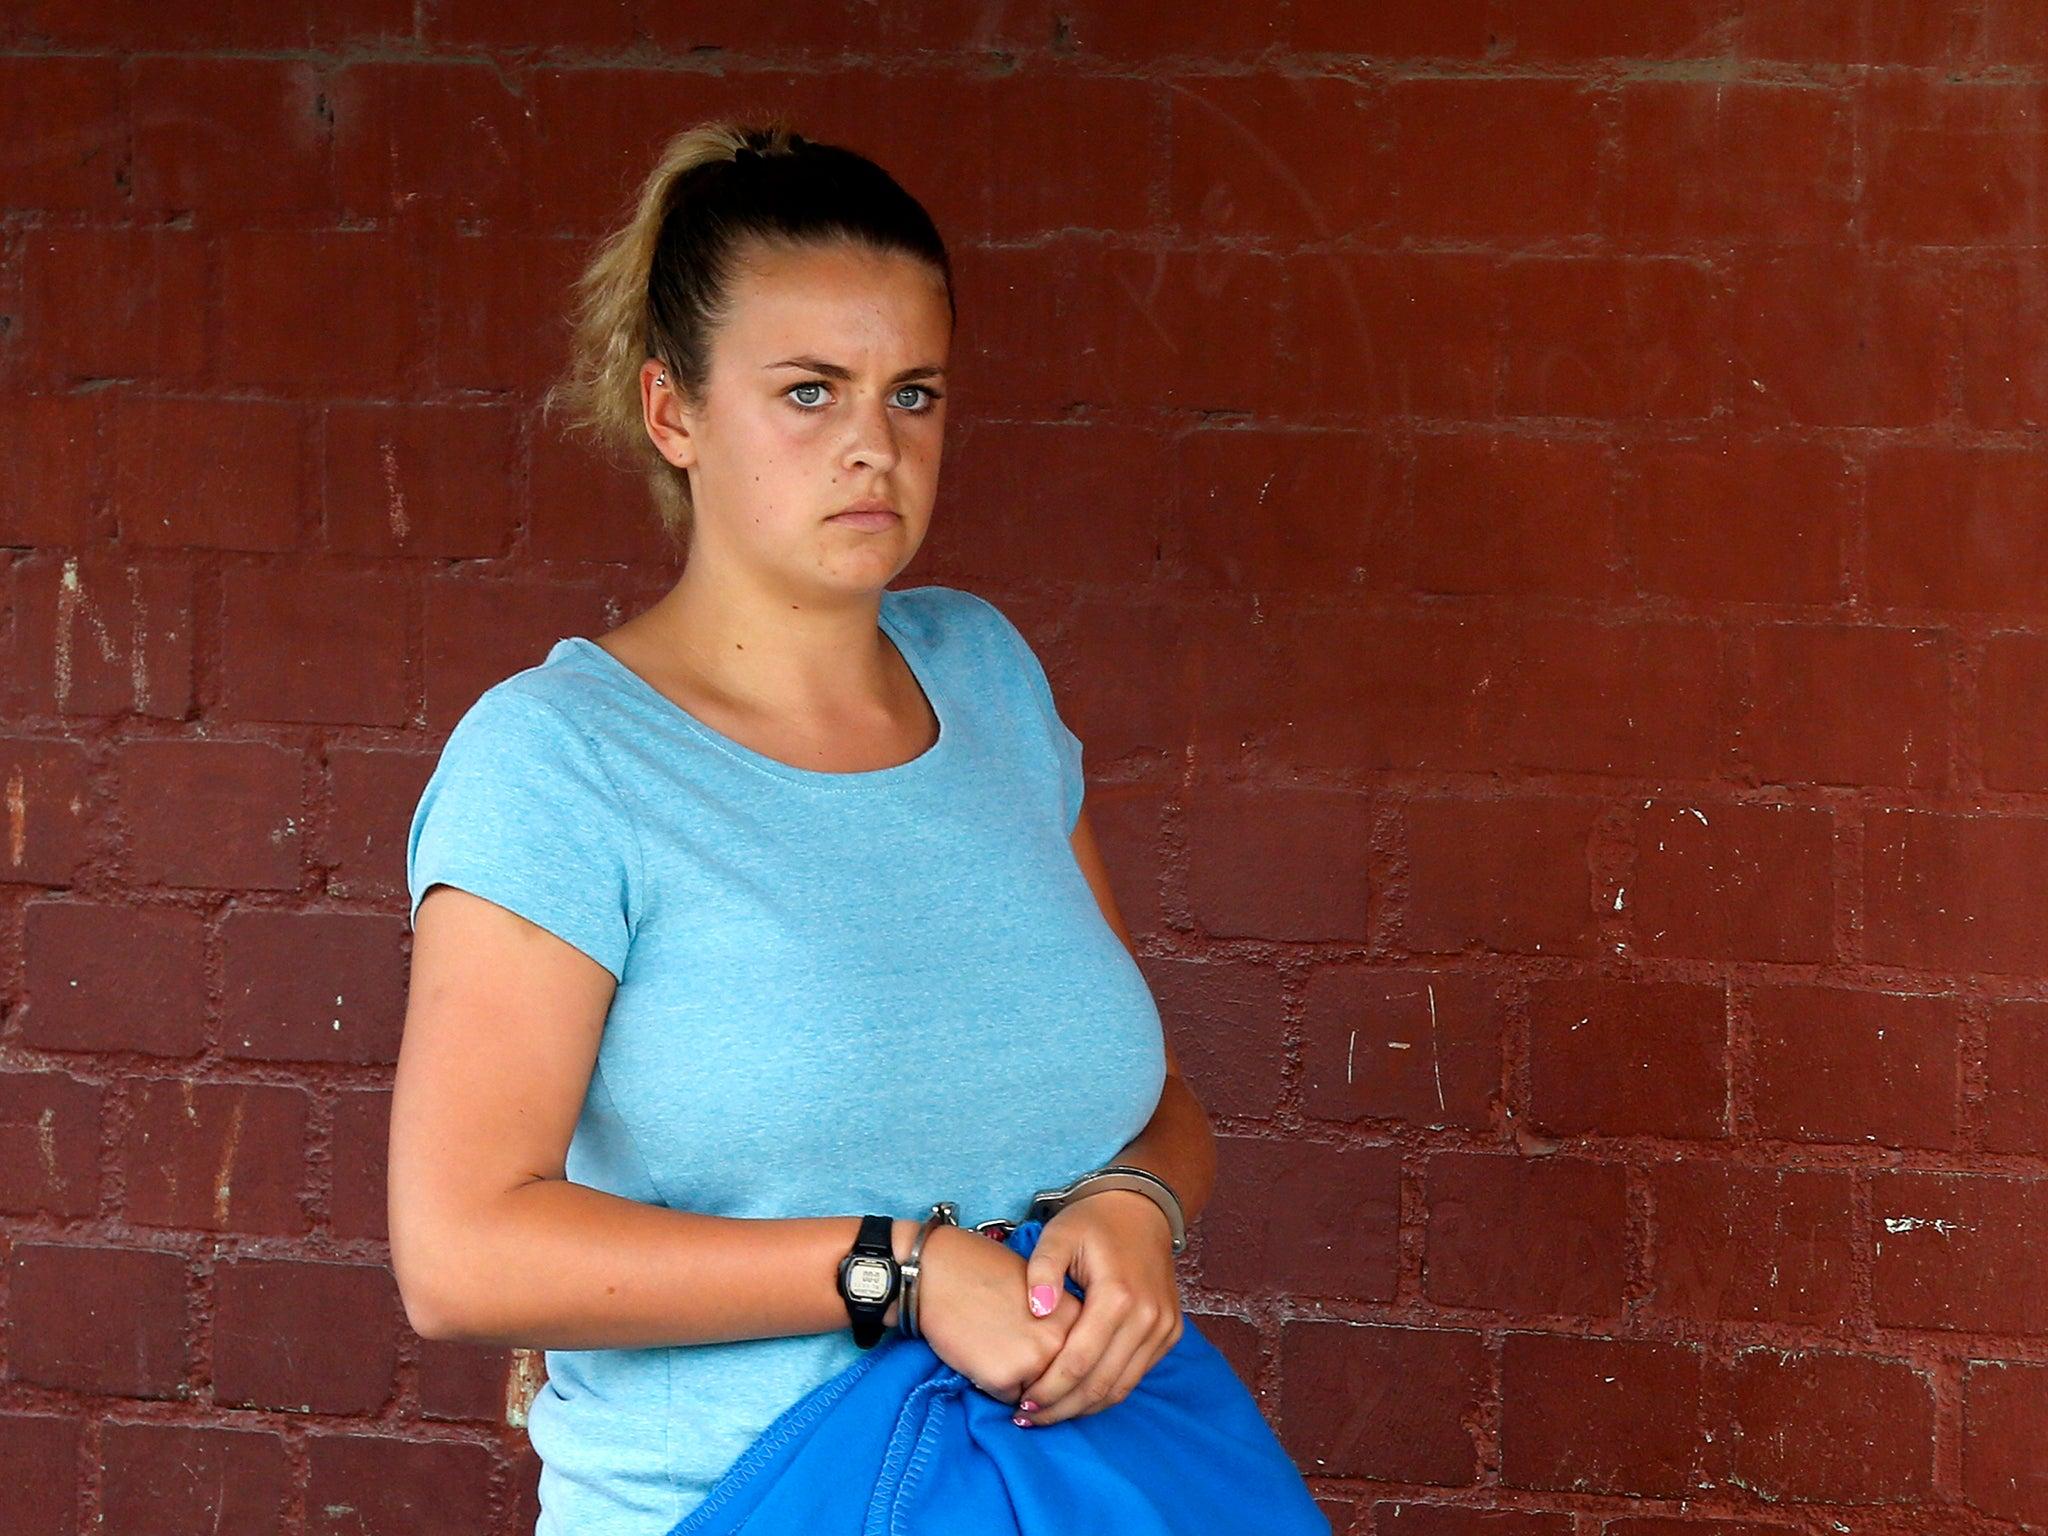 peru drugs mule melissa reid to return to uk very soon